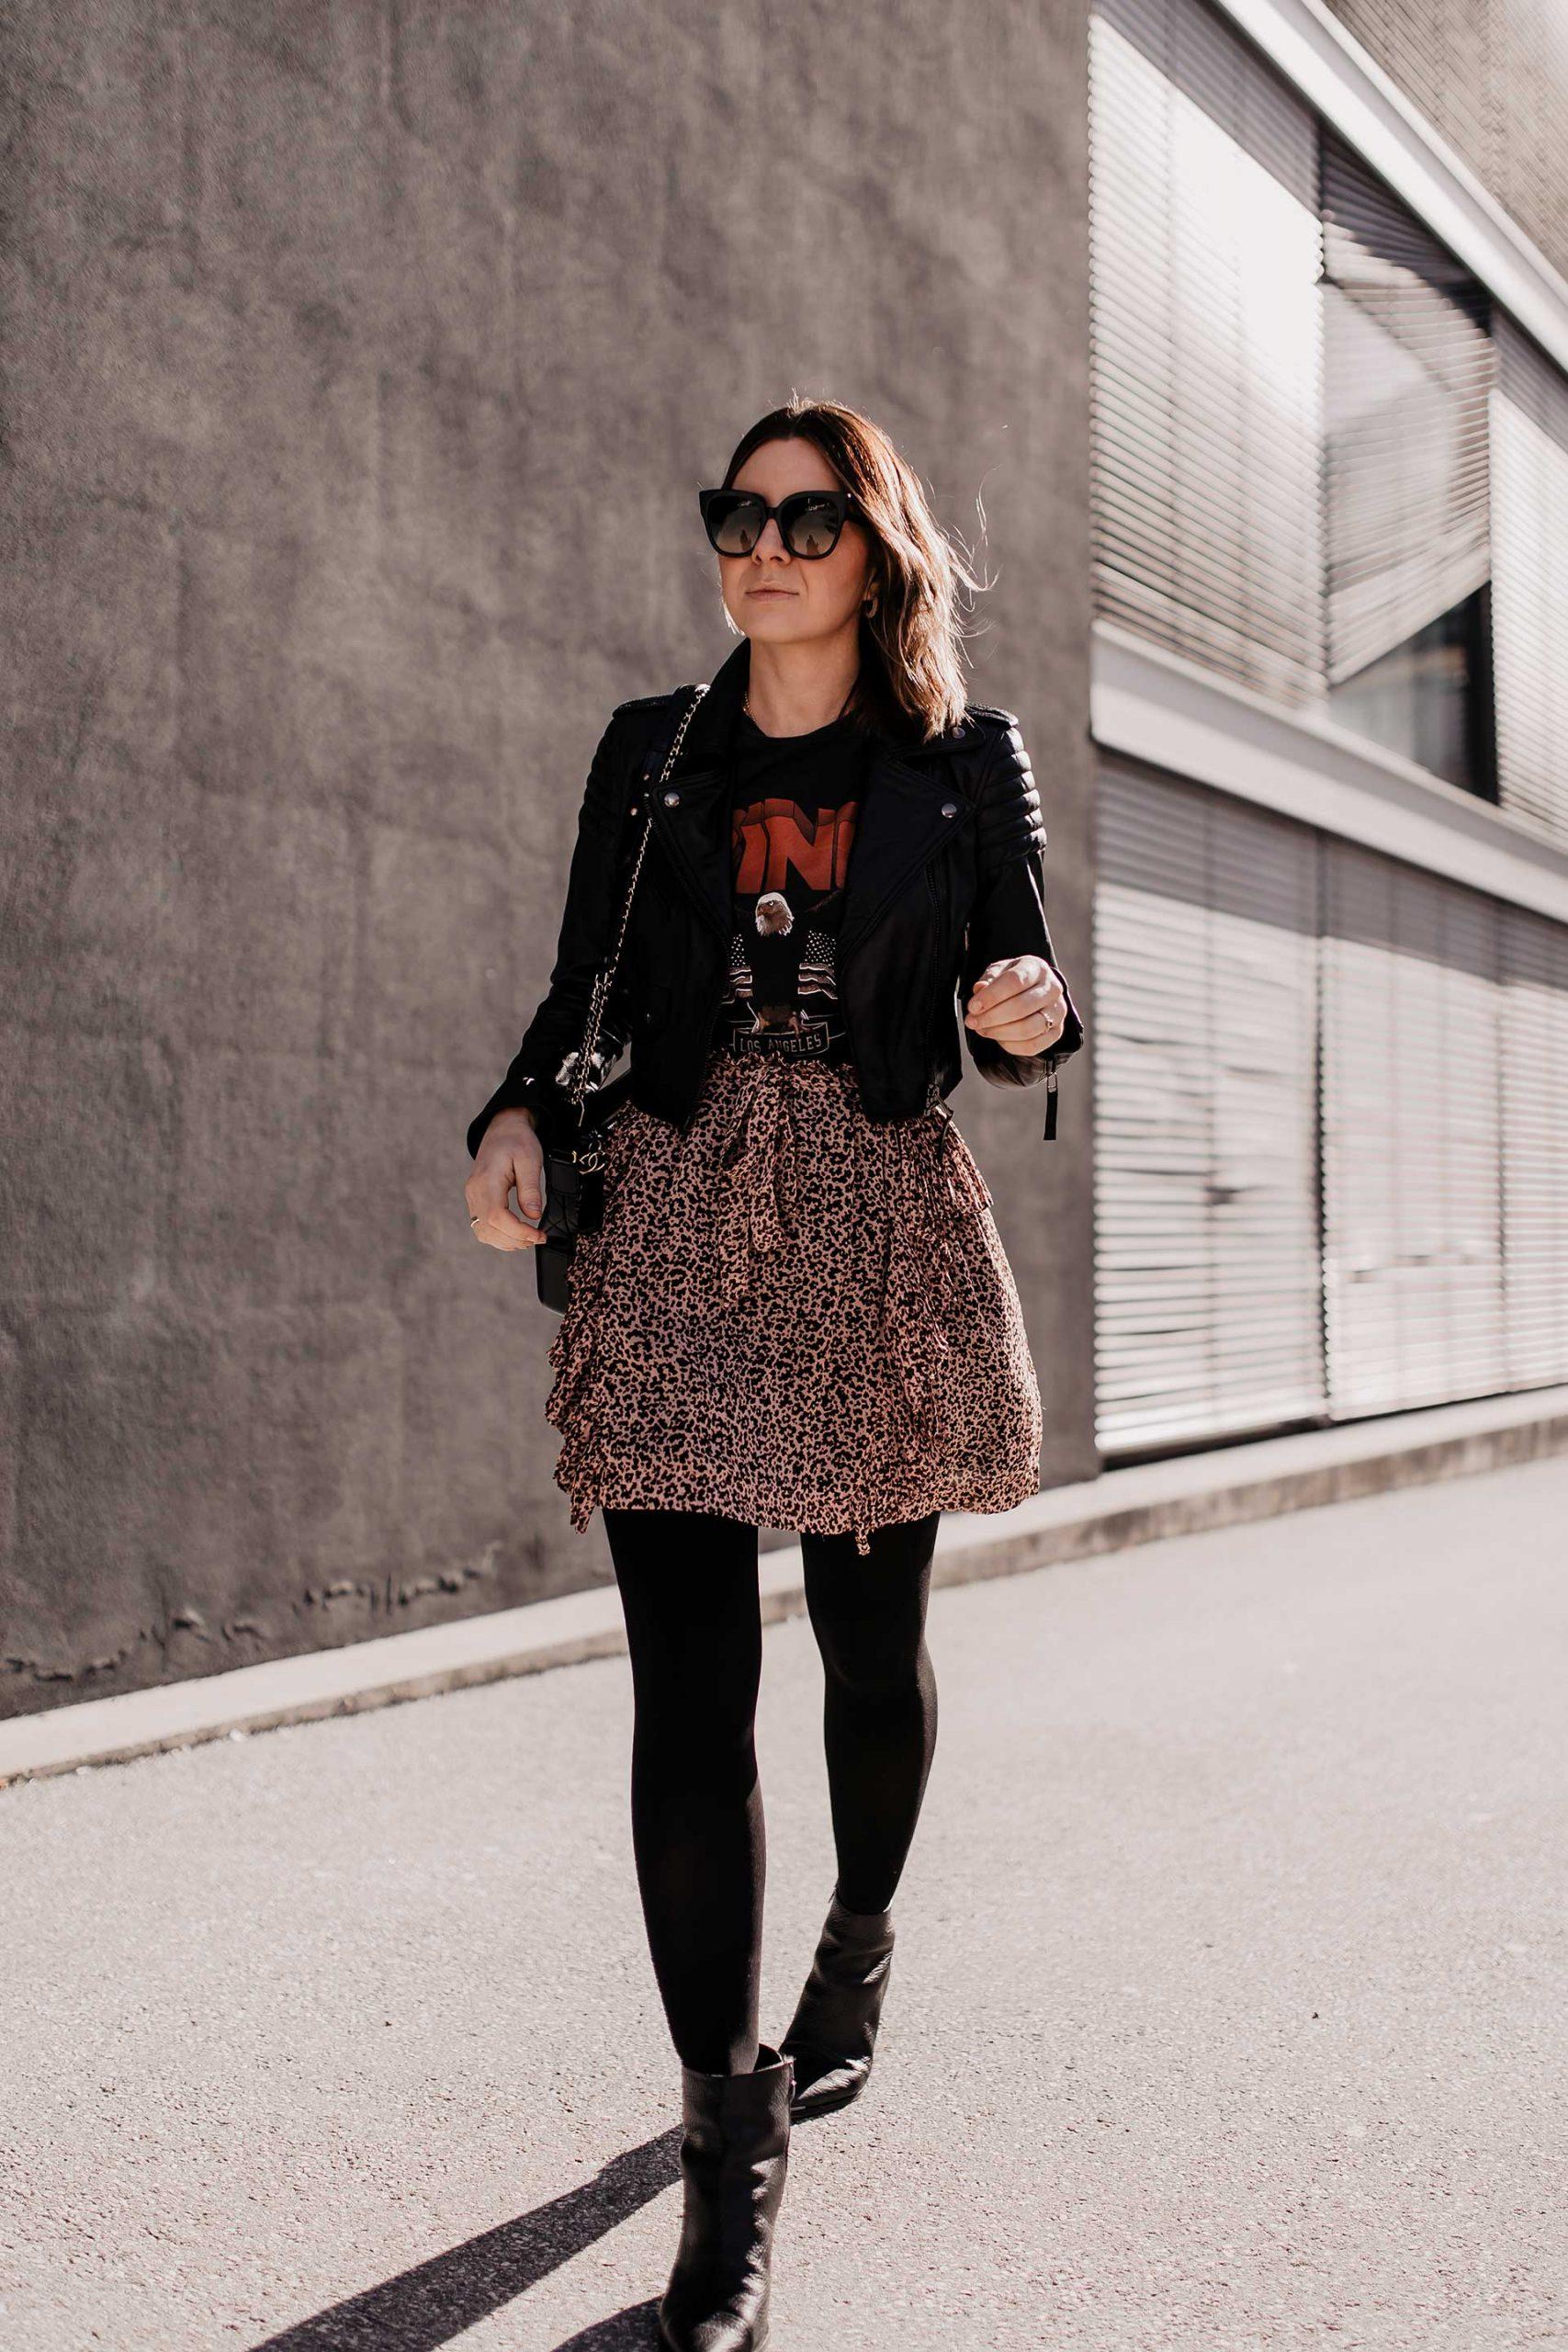 Am Modeblog findest du heute ein rockiges Outfit für den Alltag mit Anine Bing Shirt und Lederjacke. Außerdem verrate ich dir 4 Tipps und Grundlagen, damit du ein schönes rockiges Outfit kombinieren kannst. www.whoismocca.com #outfitidee #leorock #lederjacke #frühlingsoutfit